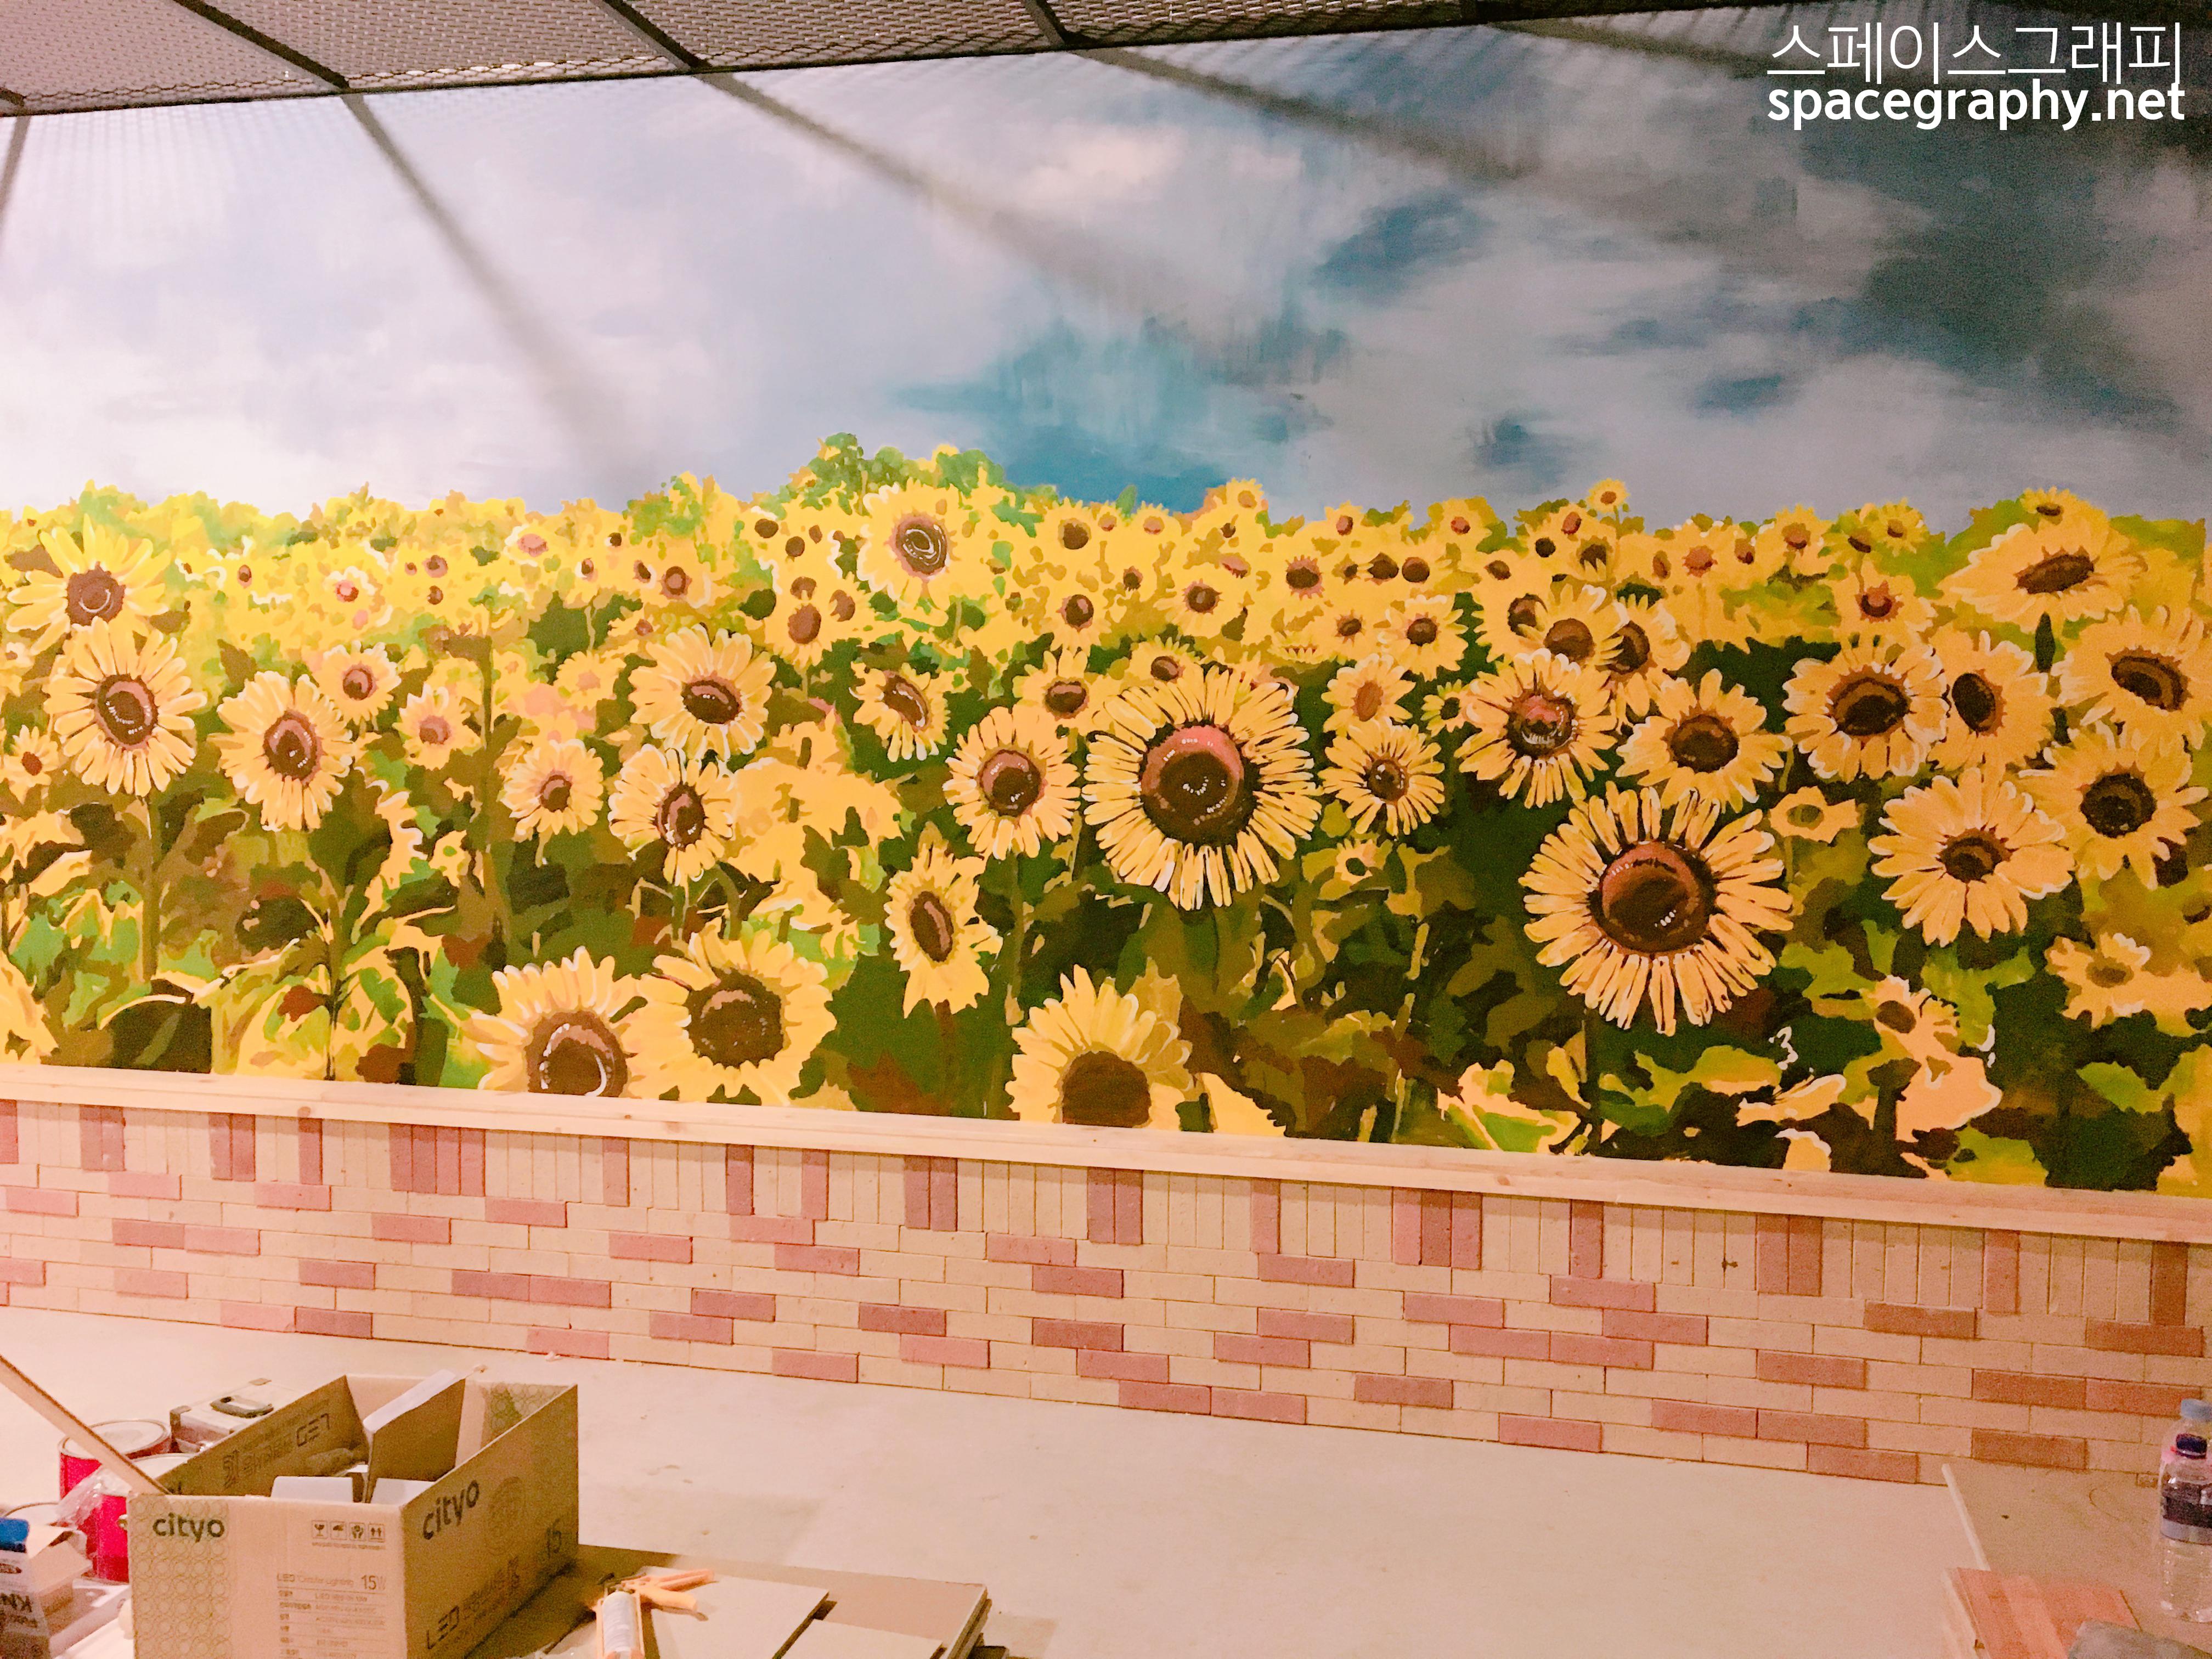 고기집벽화_고기집인테리어_해바라기벽화_해바라기그림_인테리어벽화_실내벽화_해바라기벽그림.5